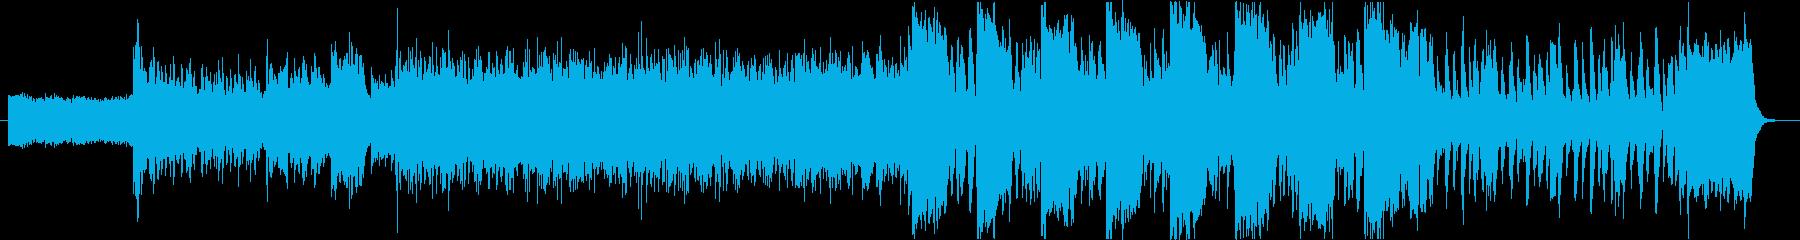 EDM系の緊迫した空気の曲の再生済みの波形